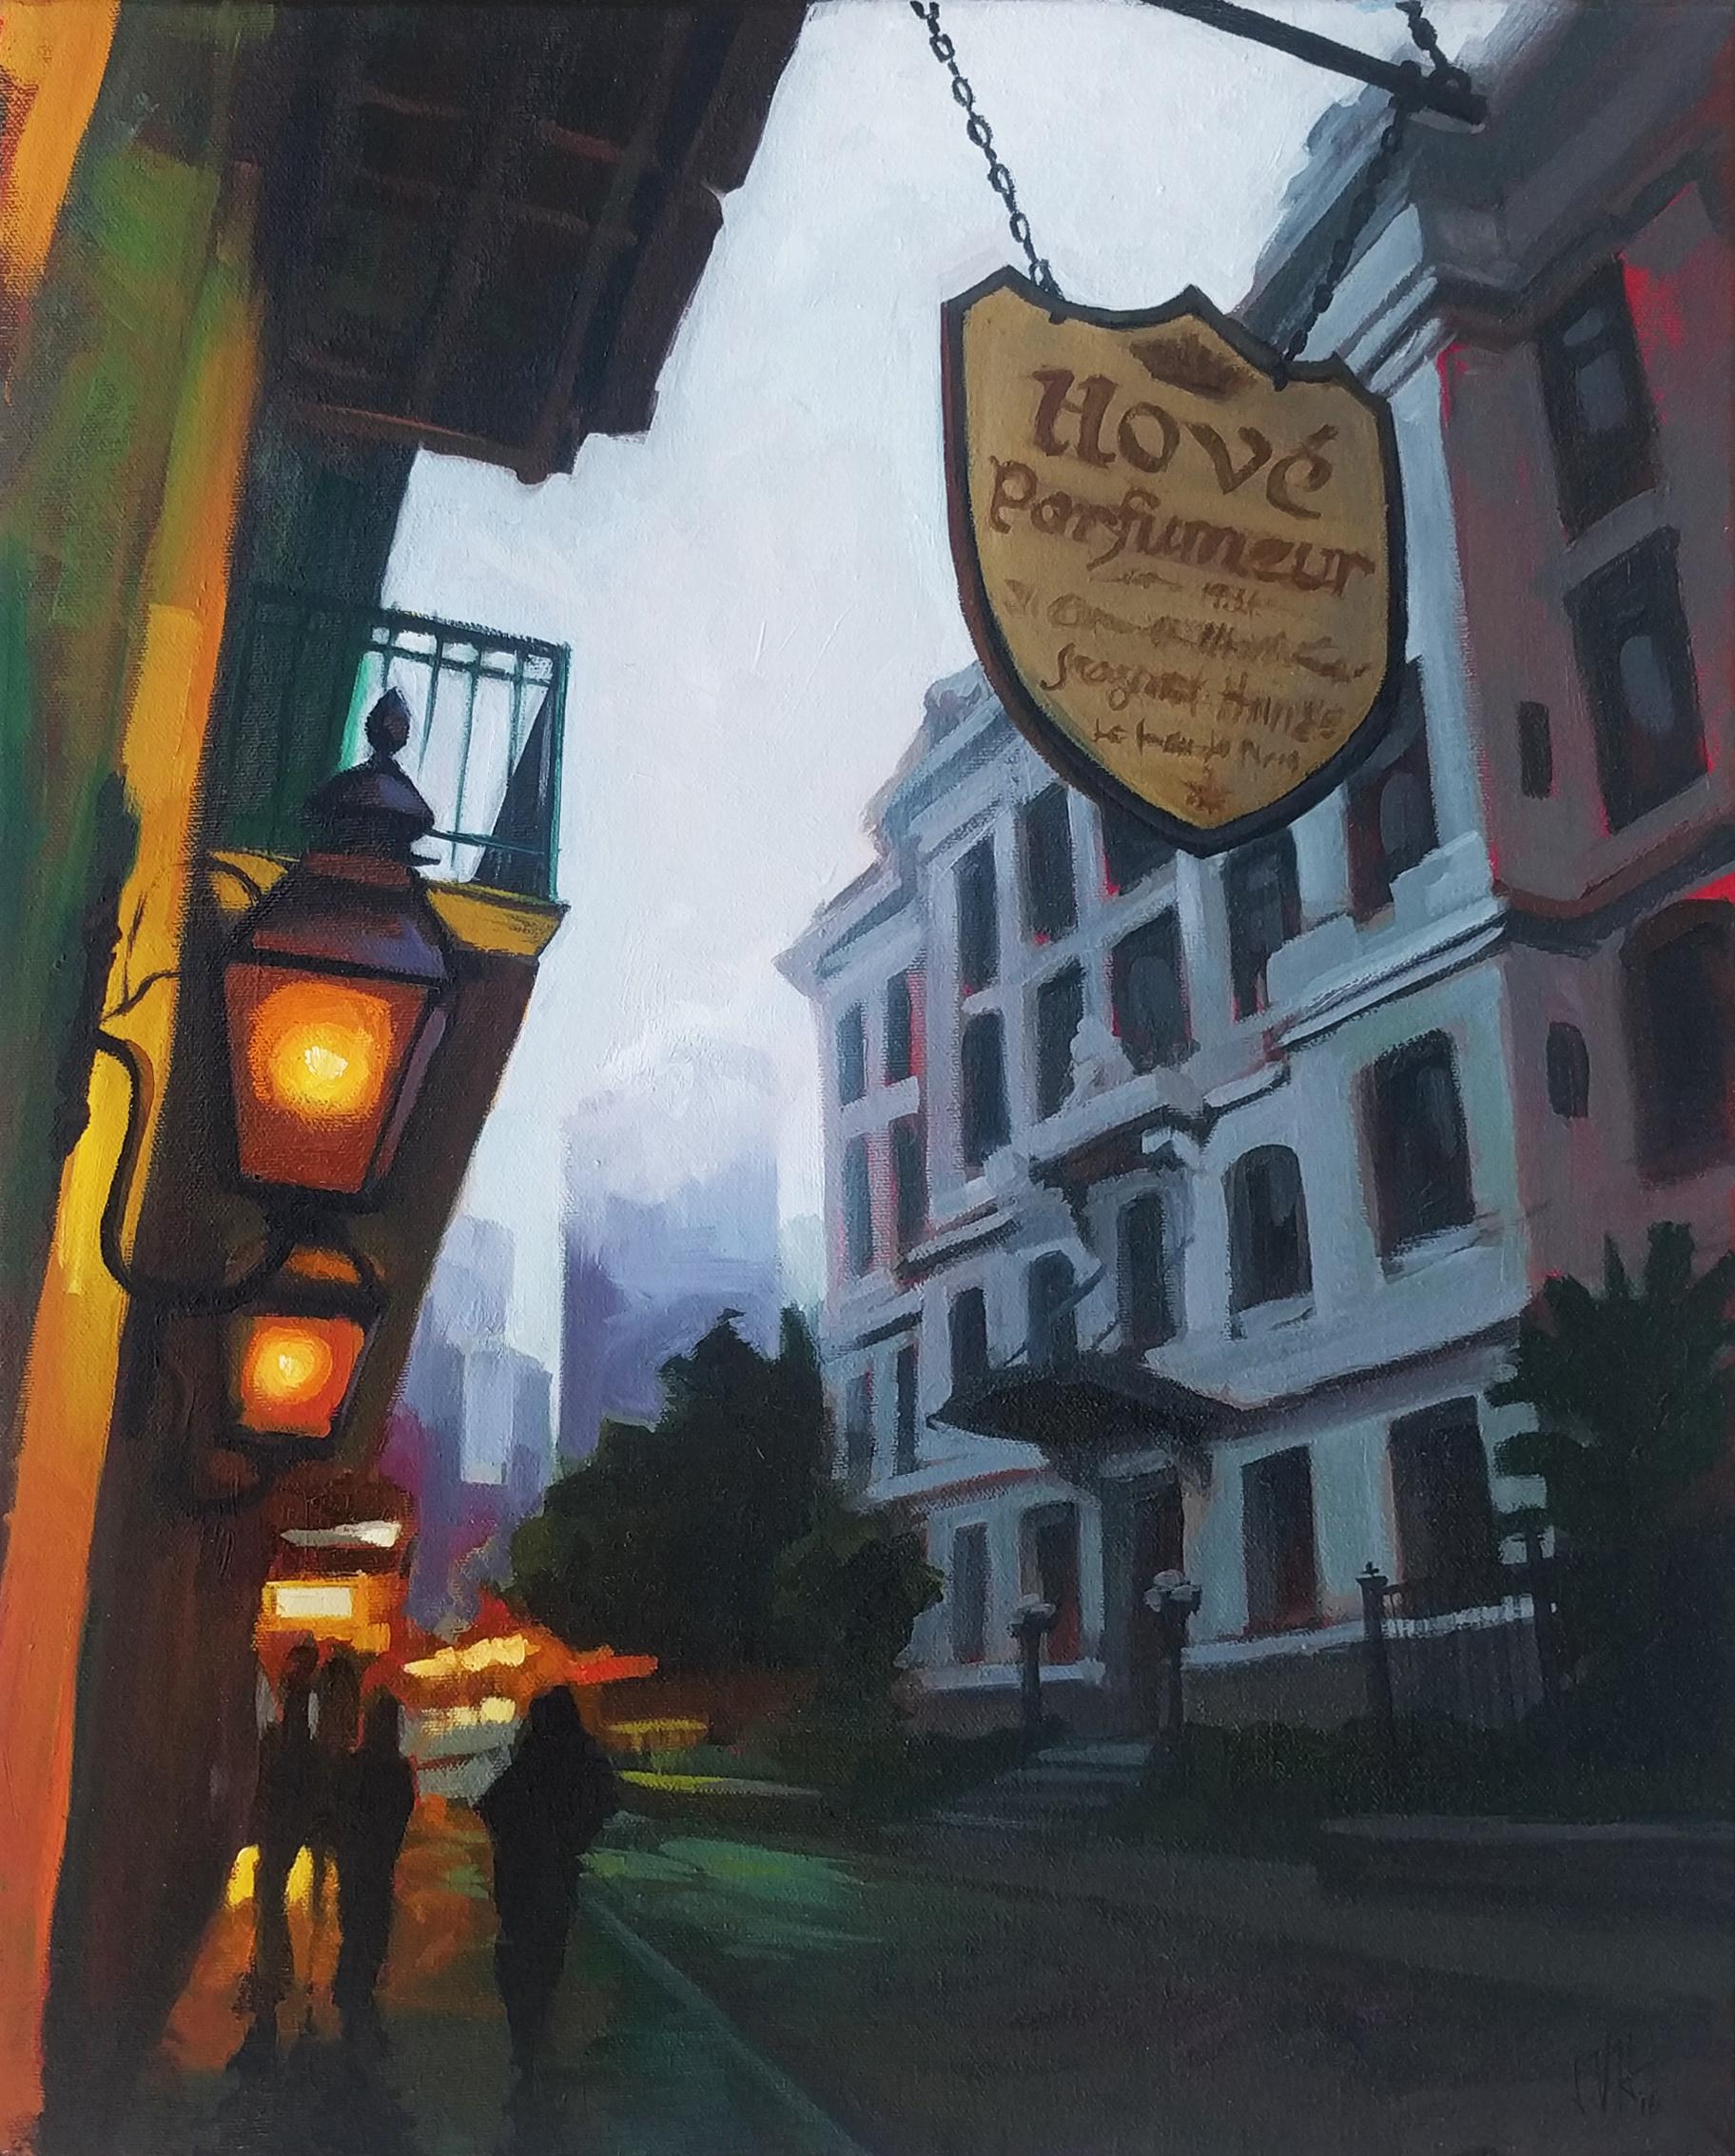 New Orleans Hove Parfumeur